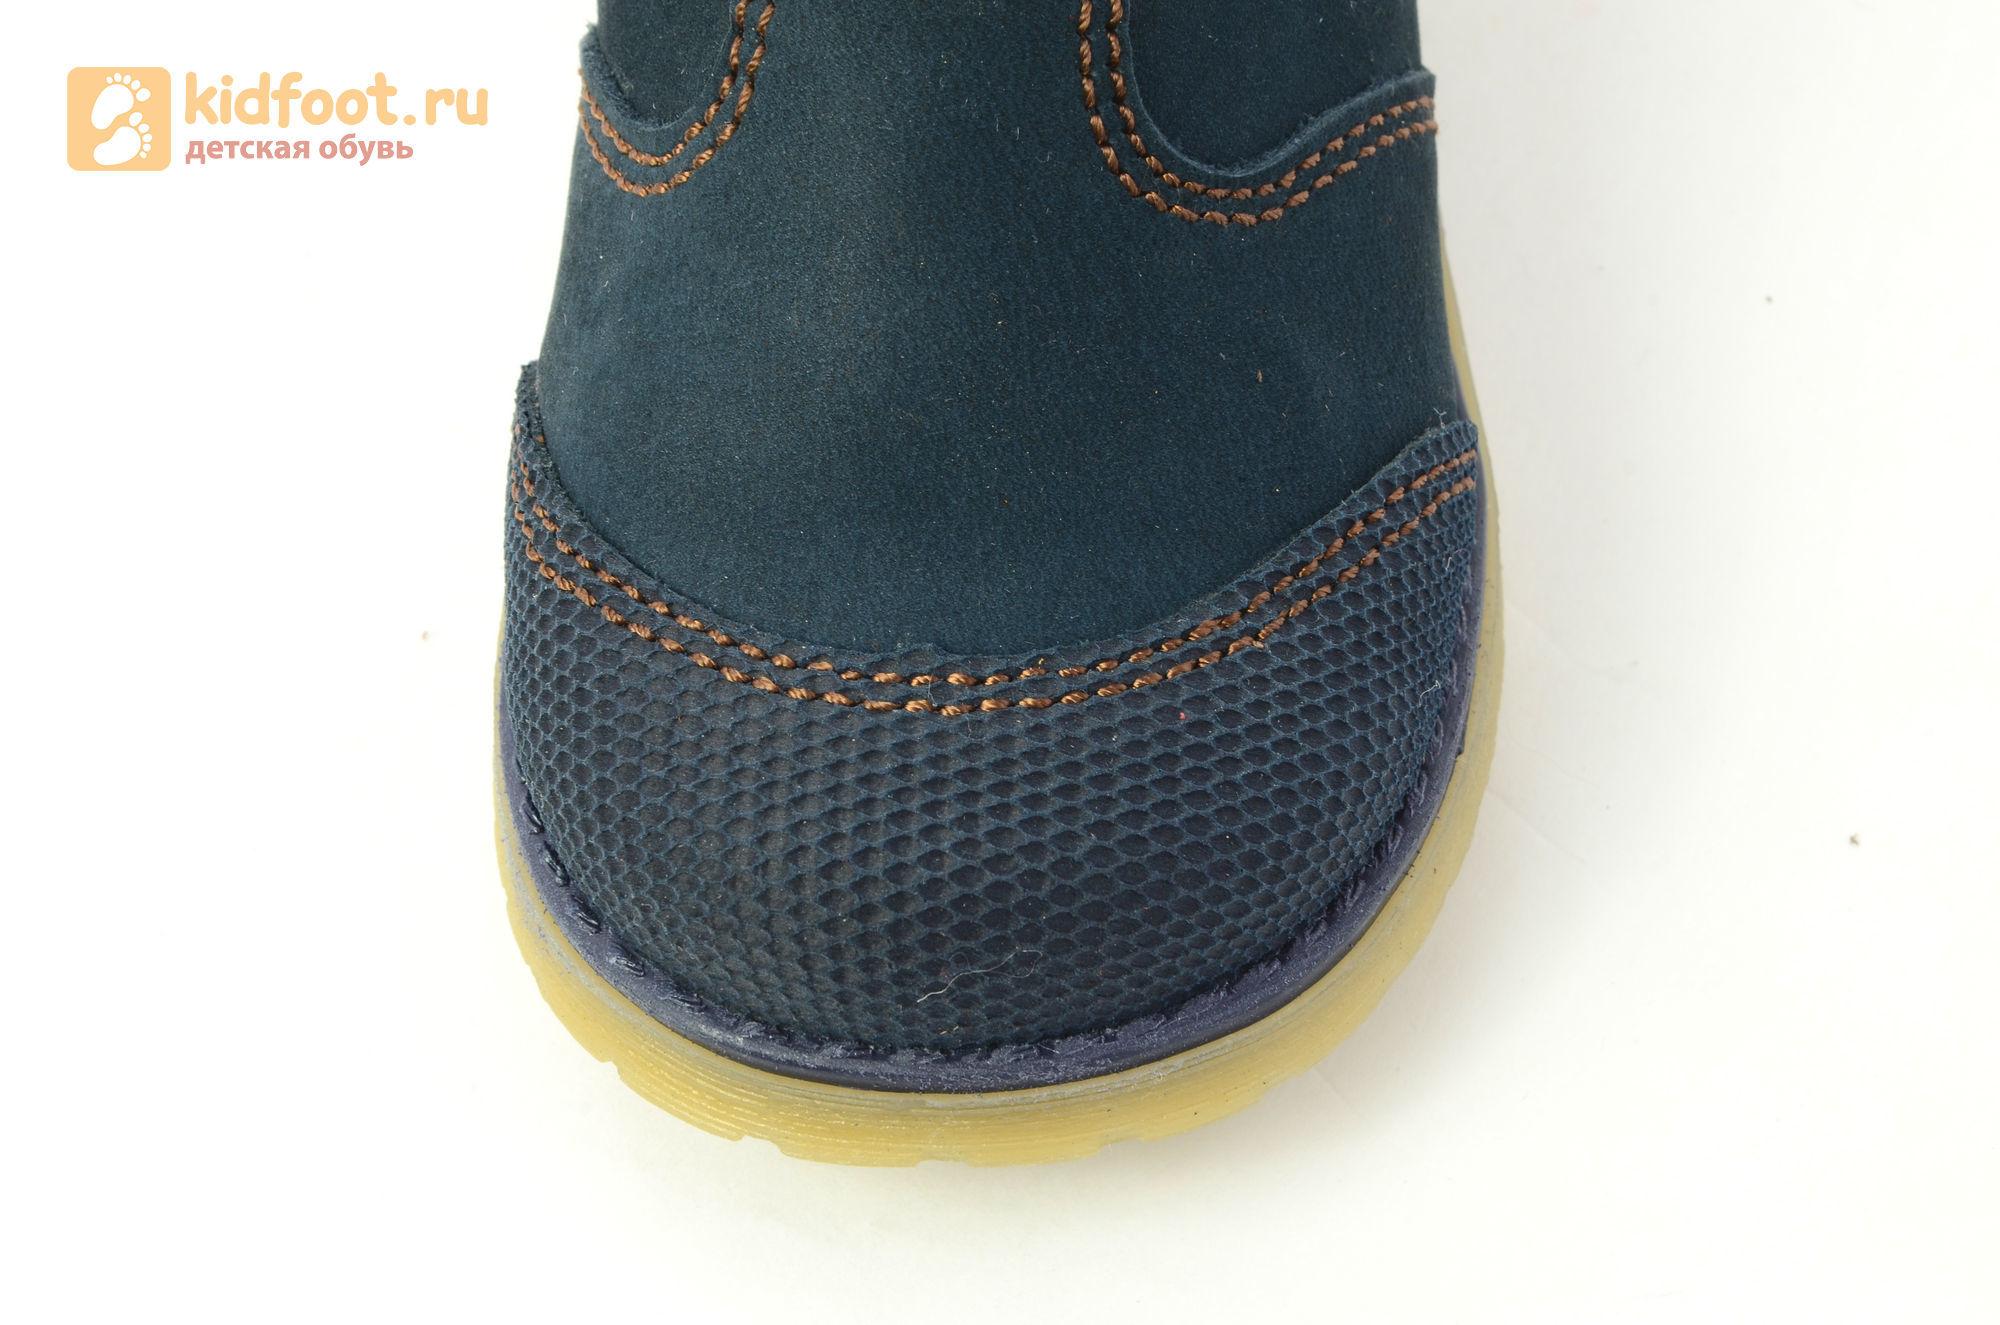 Ботинки Лель (LEL) для мальчика, цвет Темно синий, 3-1040